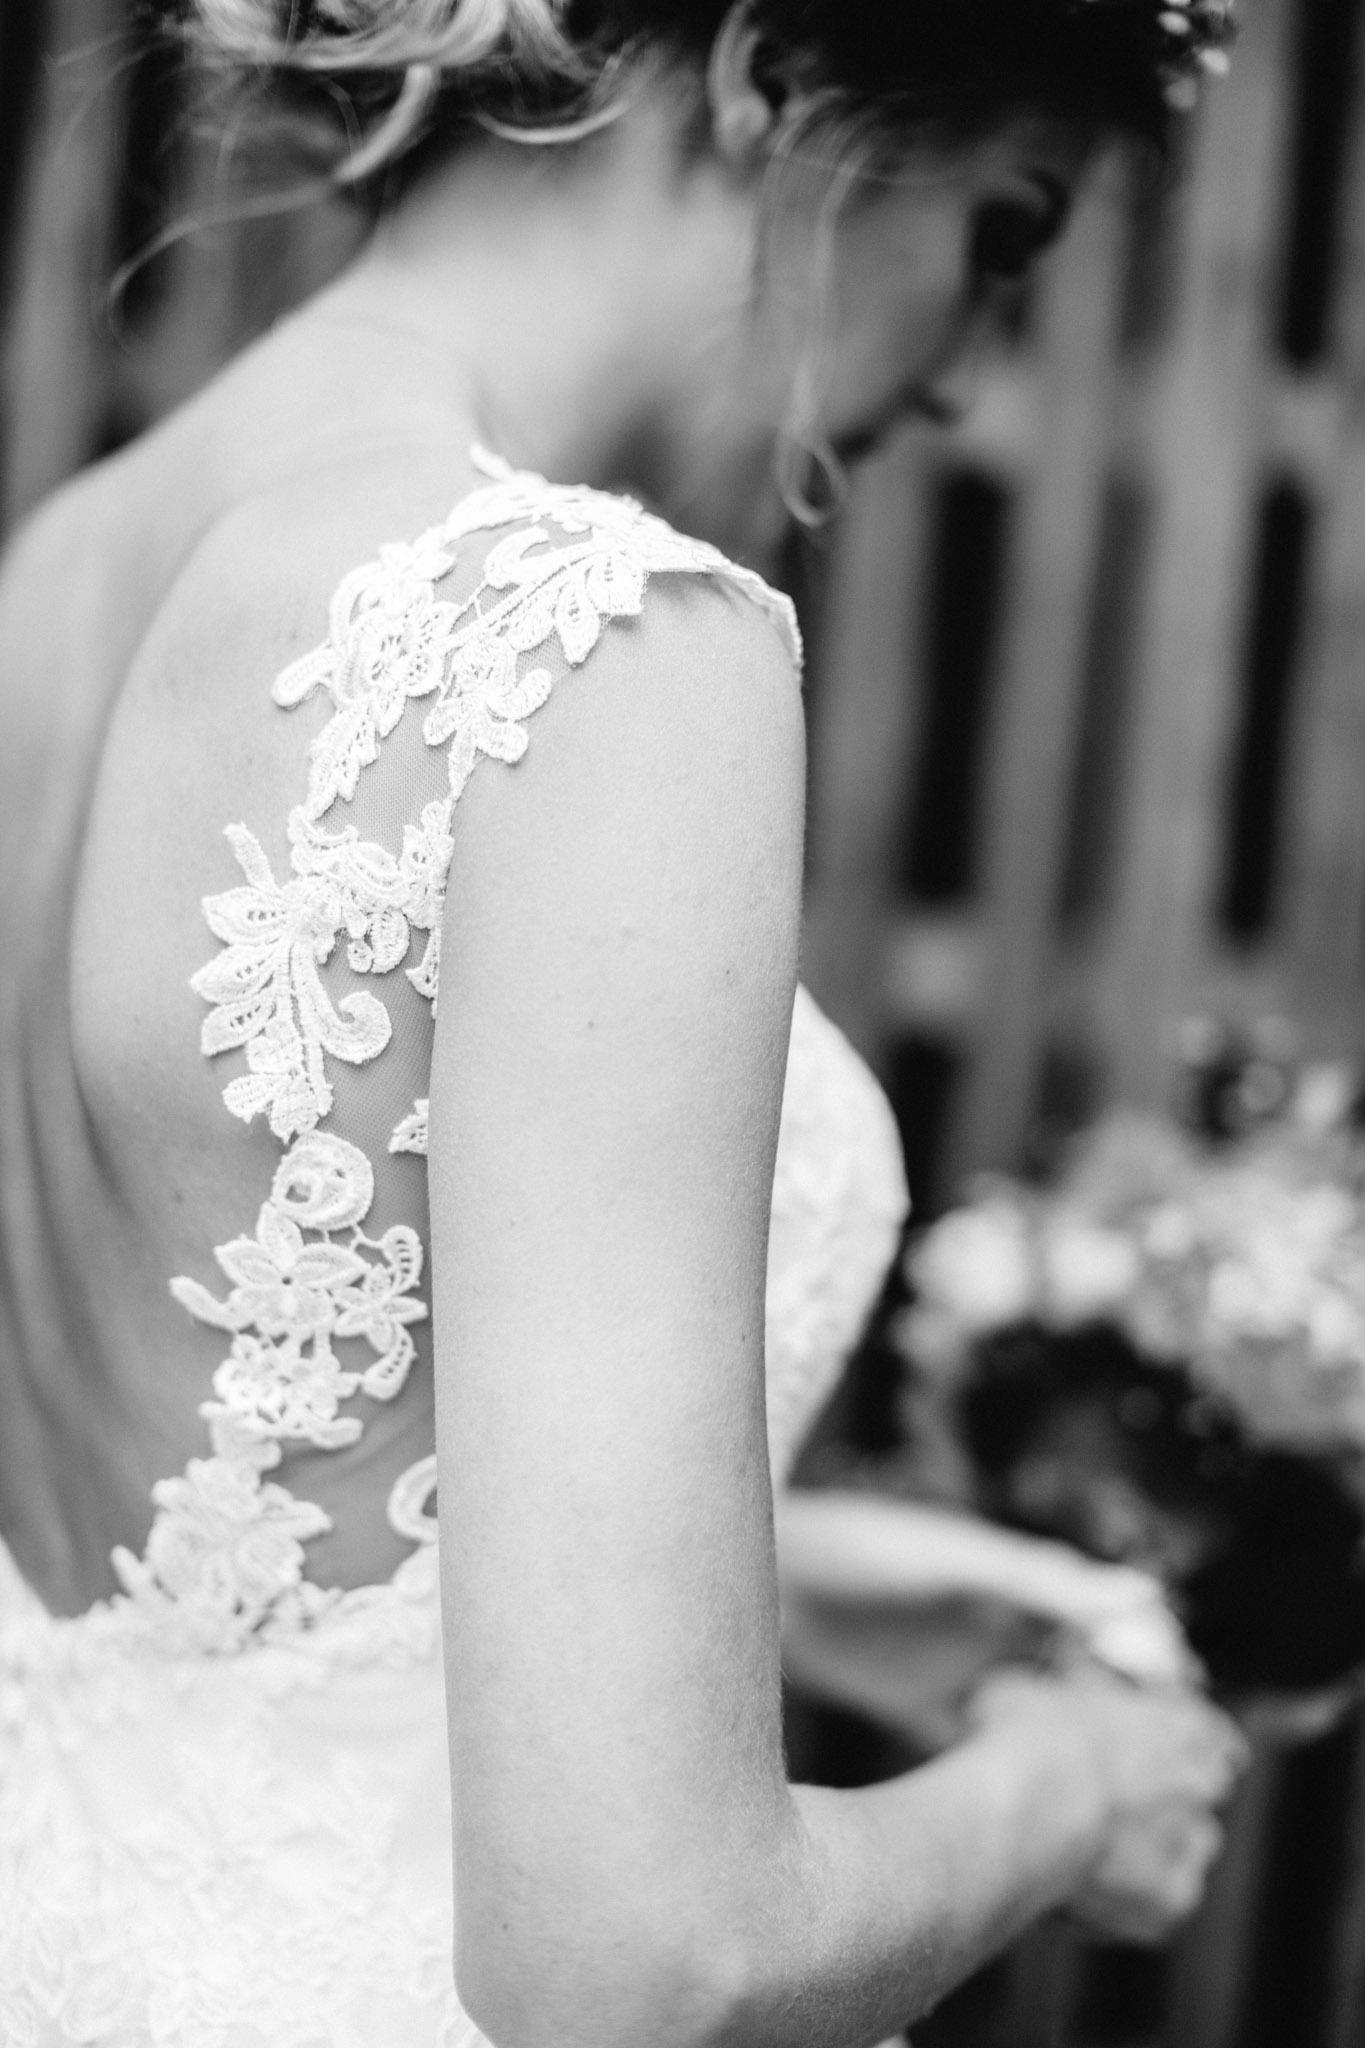 Nordhausen-Harz-Hochzeit-Pia-Anna-Christian-Wedding-Photography-LM-67.jpg